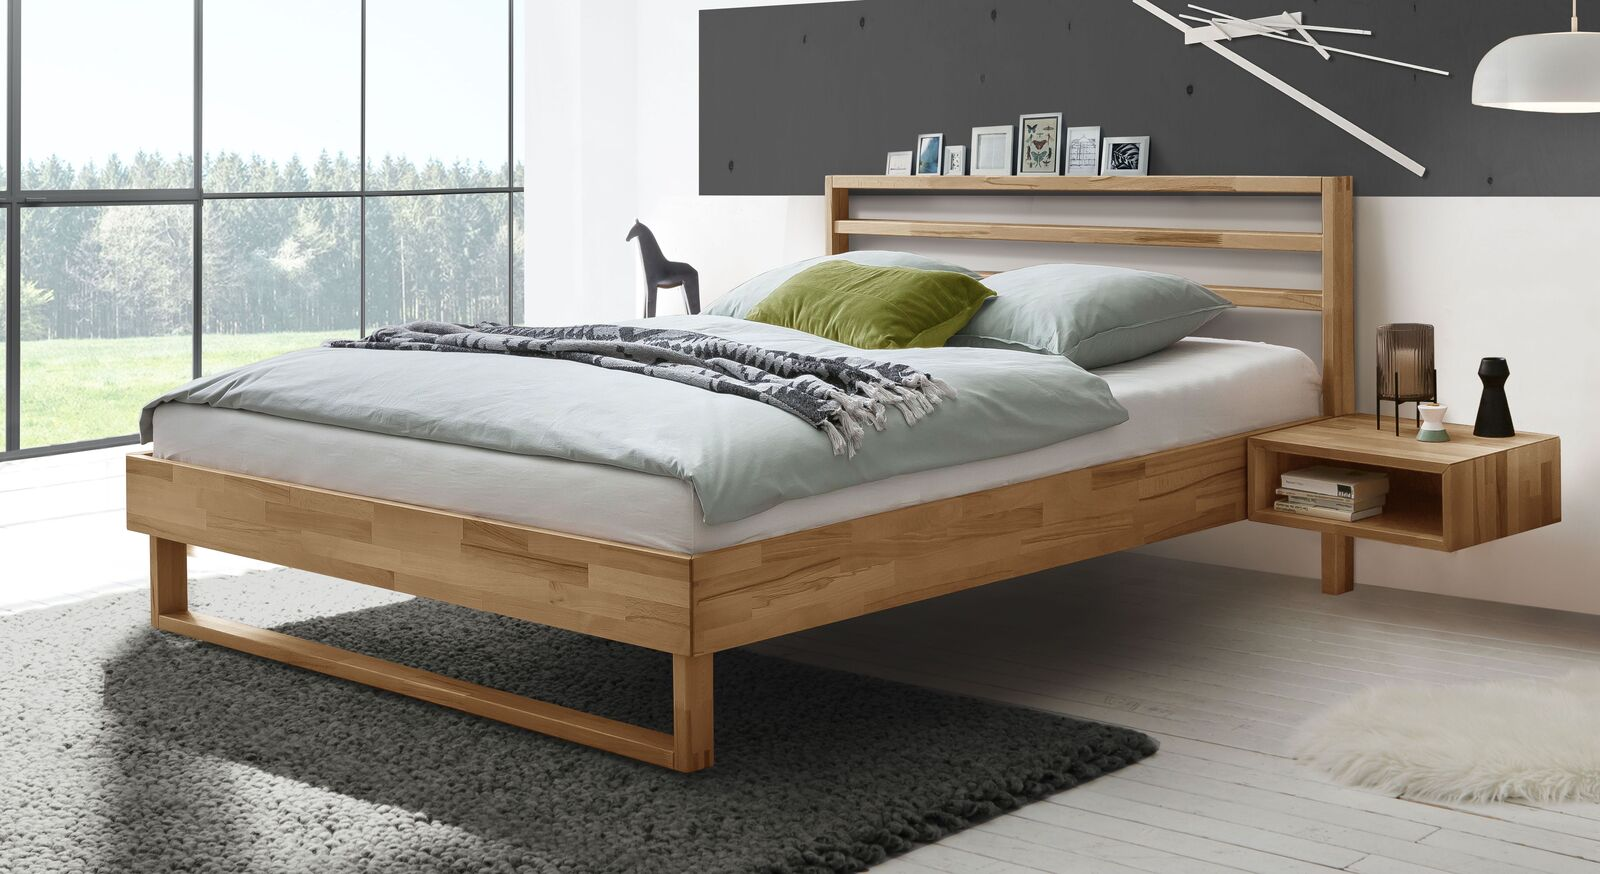 Bett Kian mit geöltem Rahmen aus Kernbuchenholz